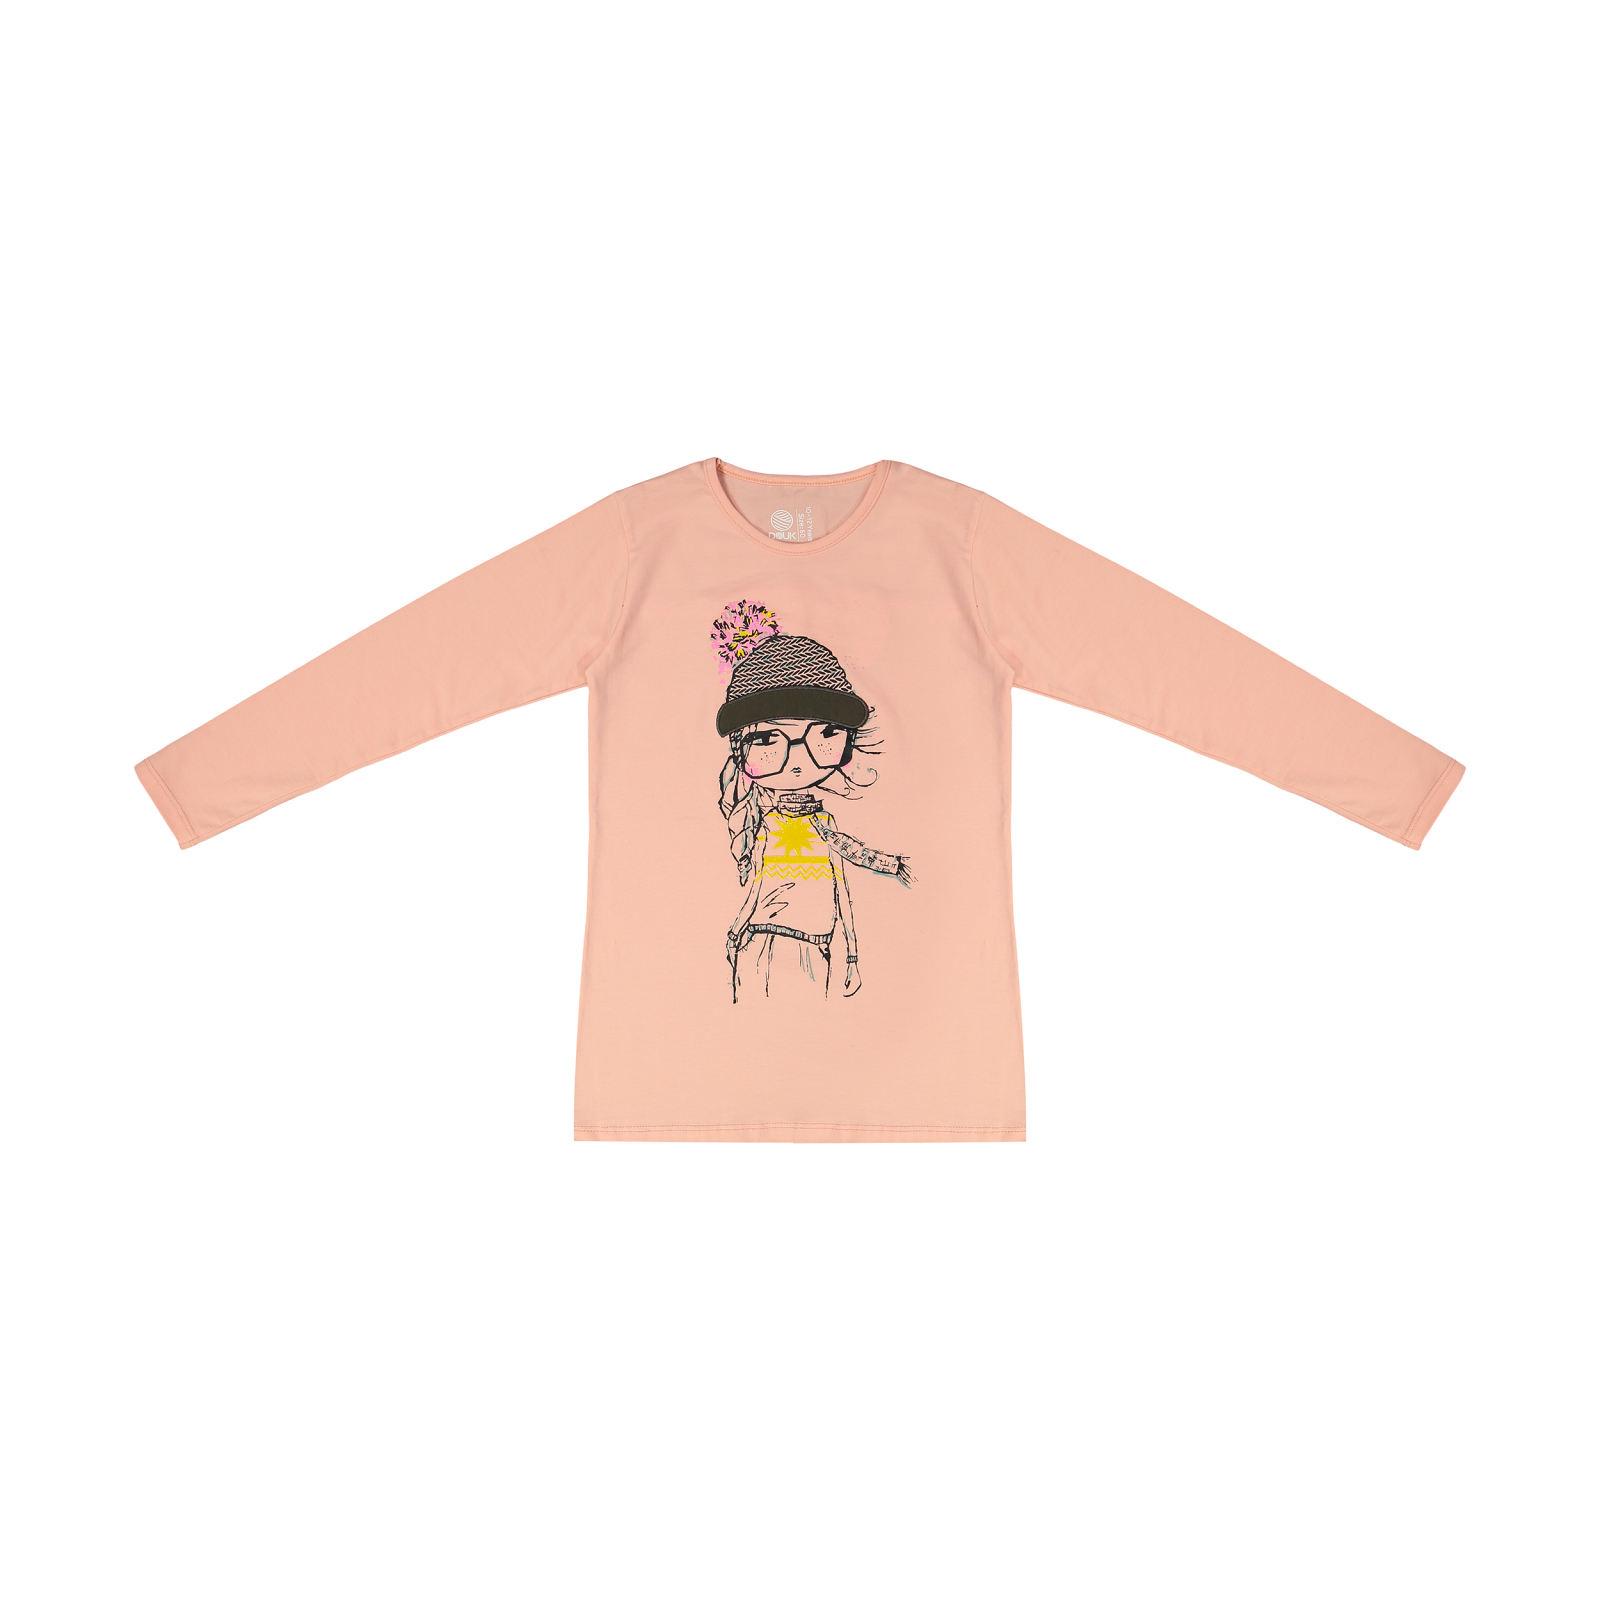 تی شرت دخترانه سون پون مدل 1391355-84 -  - 2